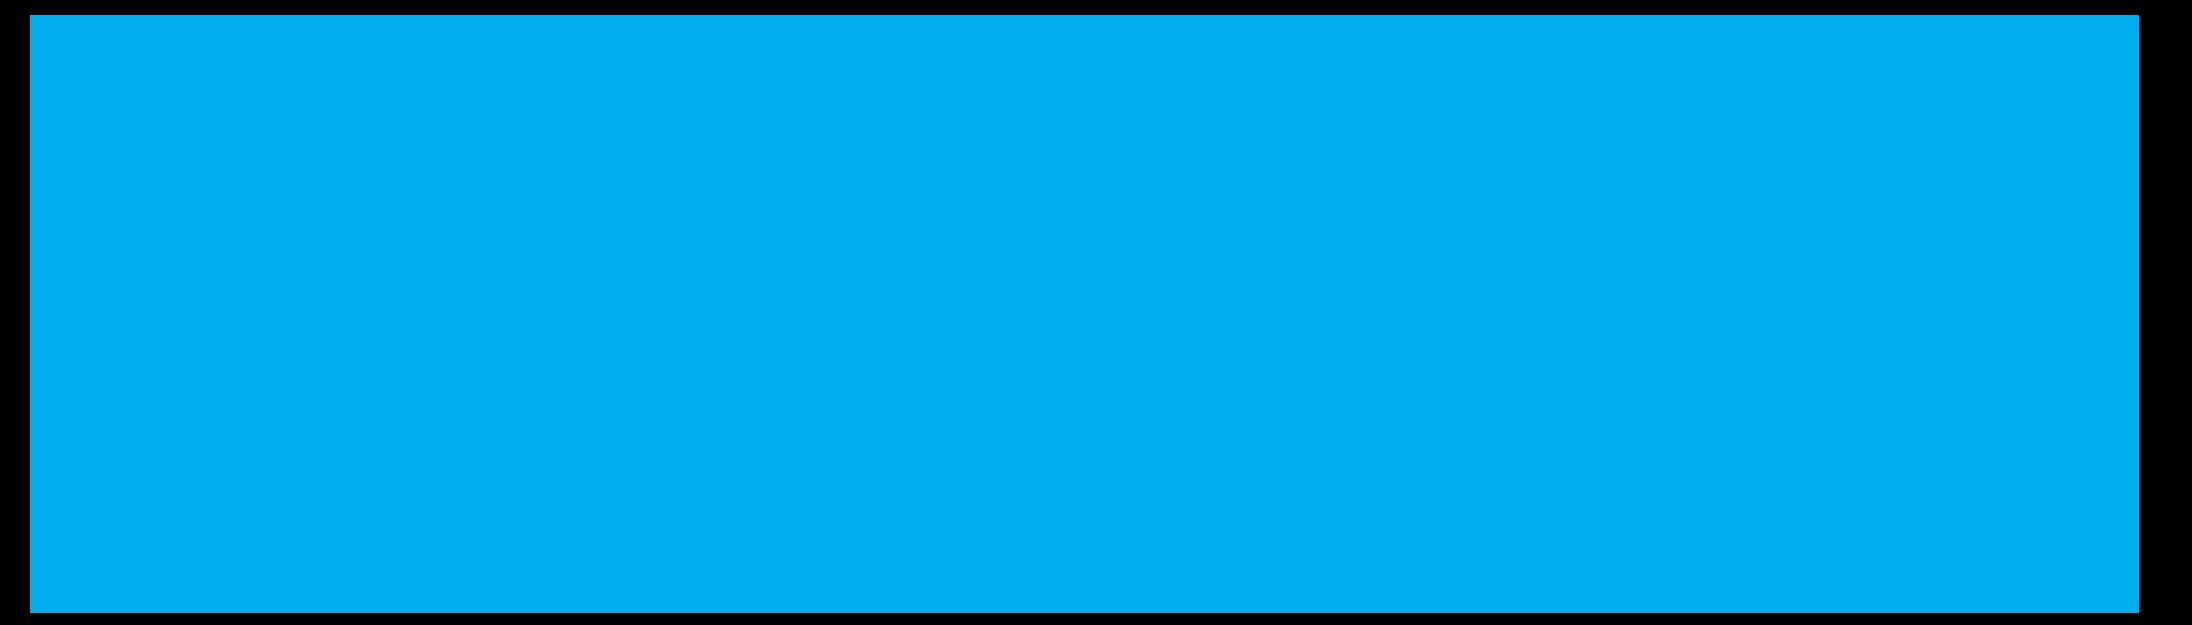 """""""HI-PRINT"""" ПОЛИГРАФИЯ БЕЗ ГРАНИЦ"""